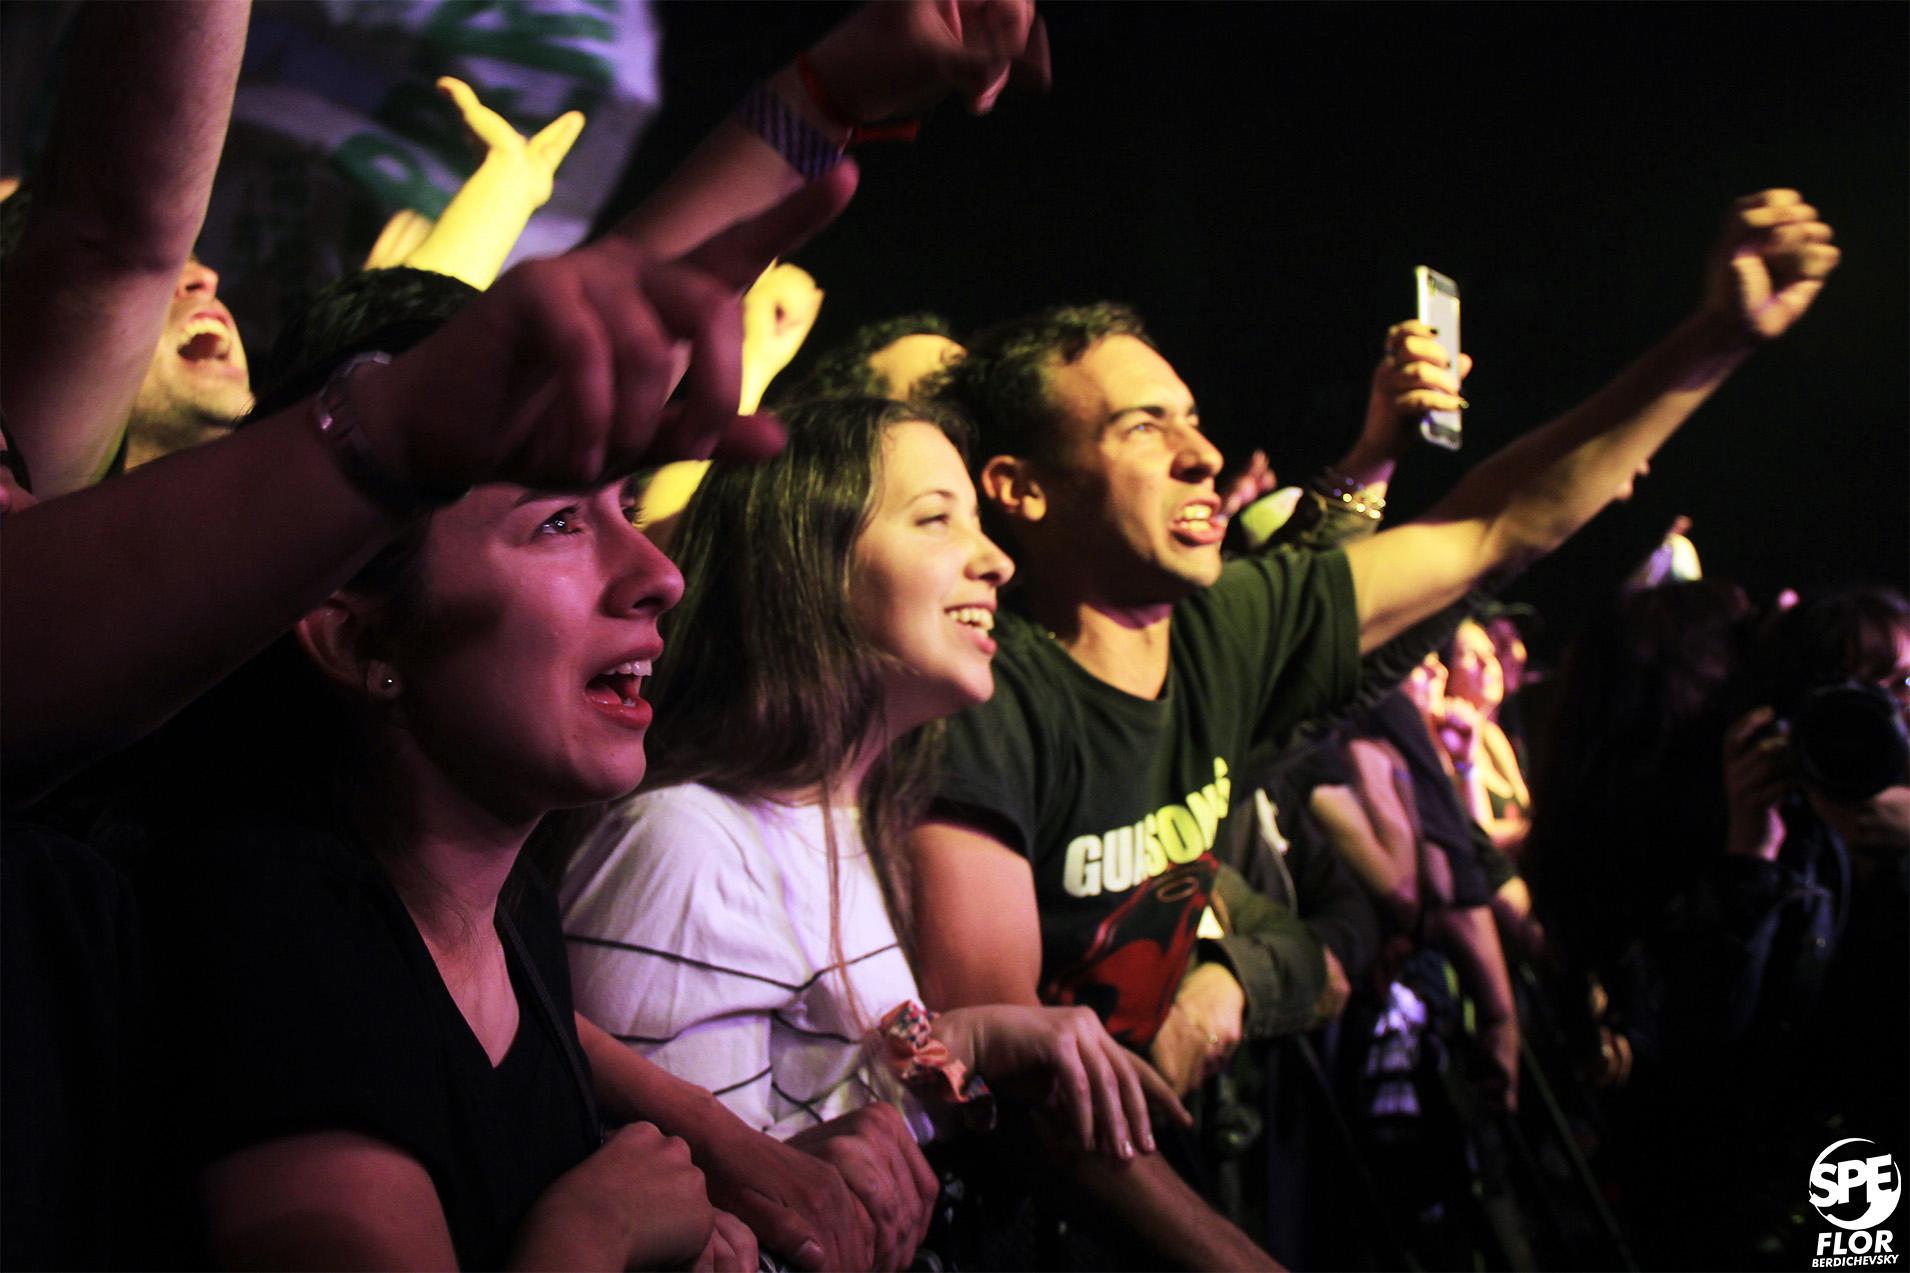 PúblicoGuasones-EstadioObras-5.10.18 5.jpg